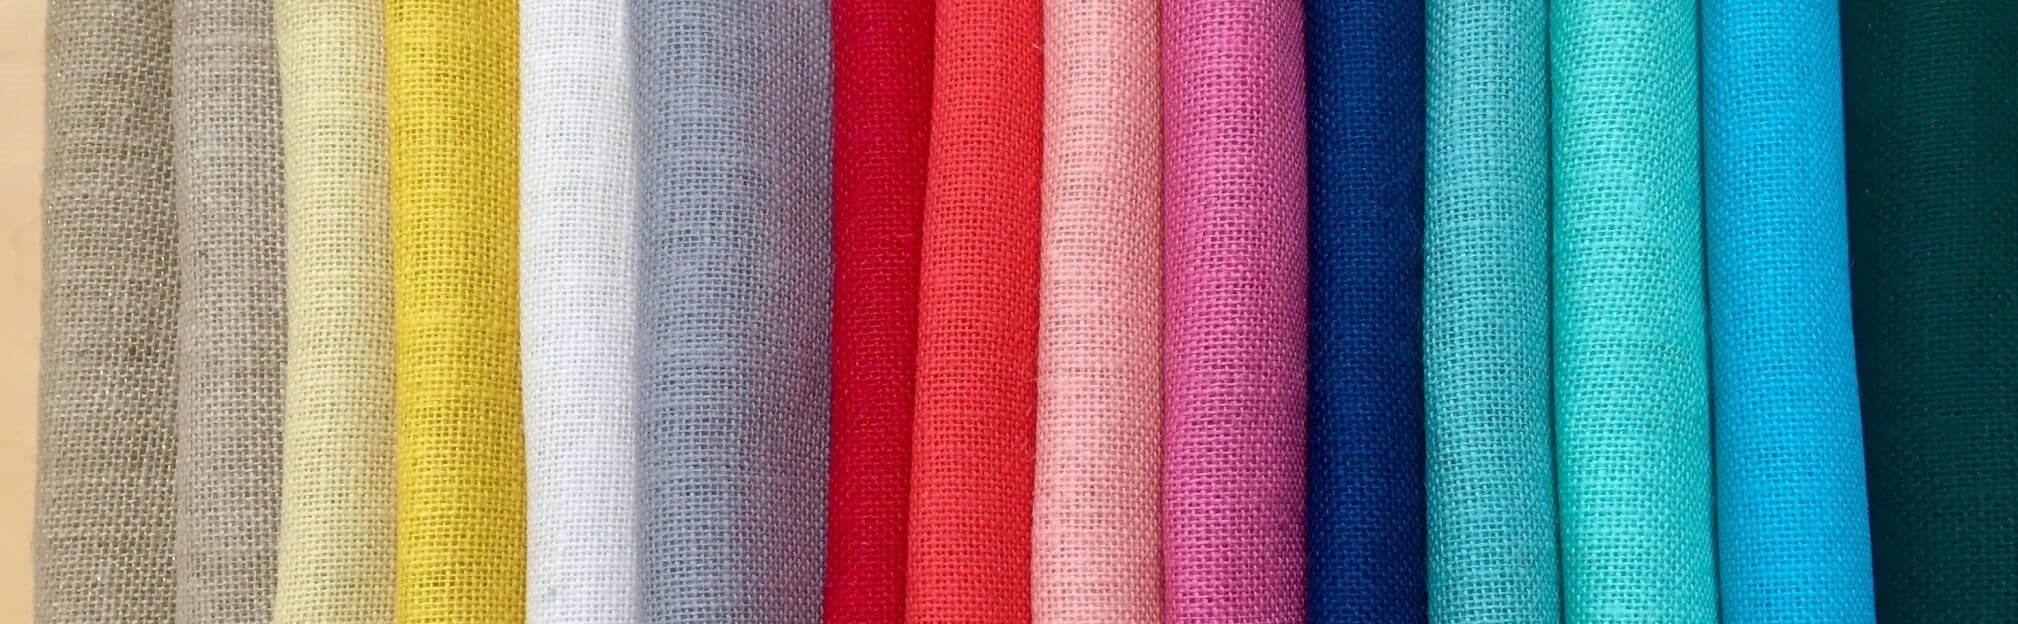 Sac À Patates Toile De Jute le jute, une fibre textile des plus intéressantes | sacpub